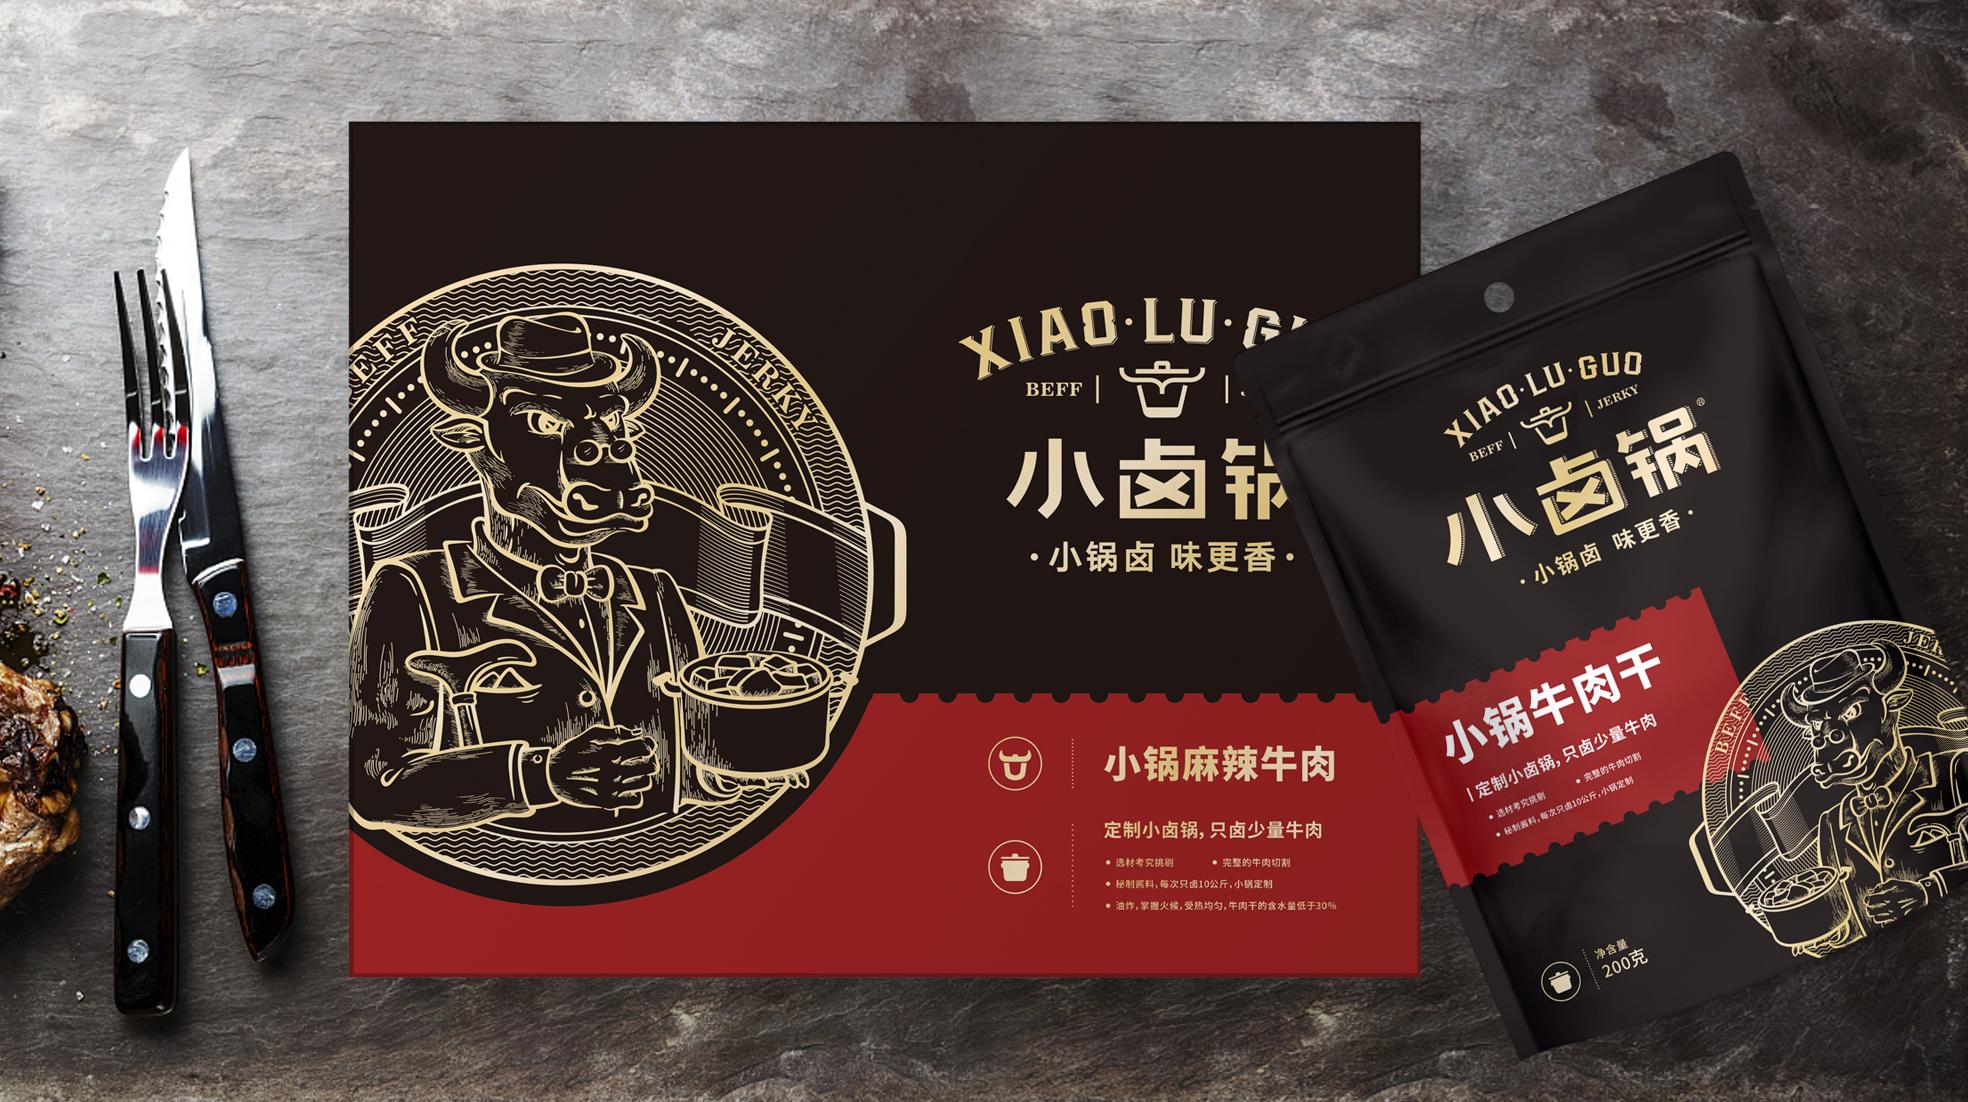 牛肉干品牌兴旺国际娱乐